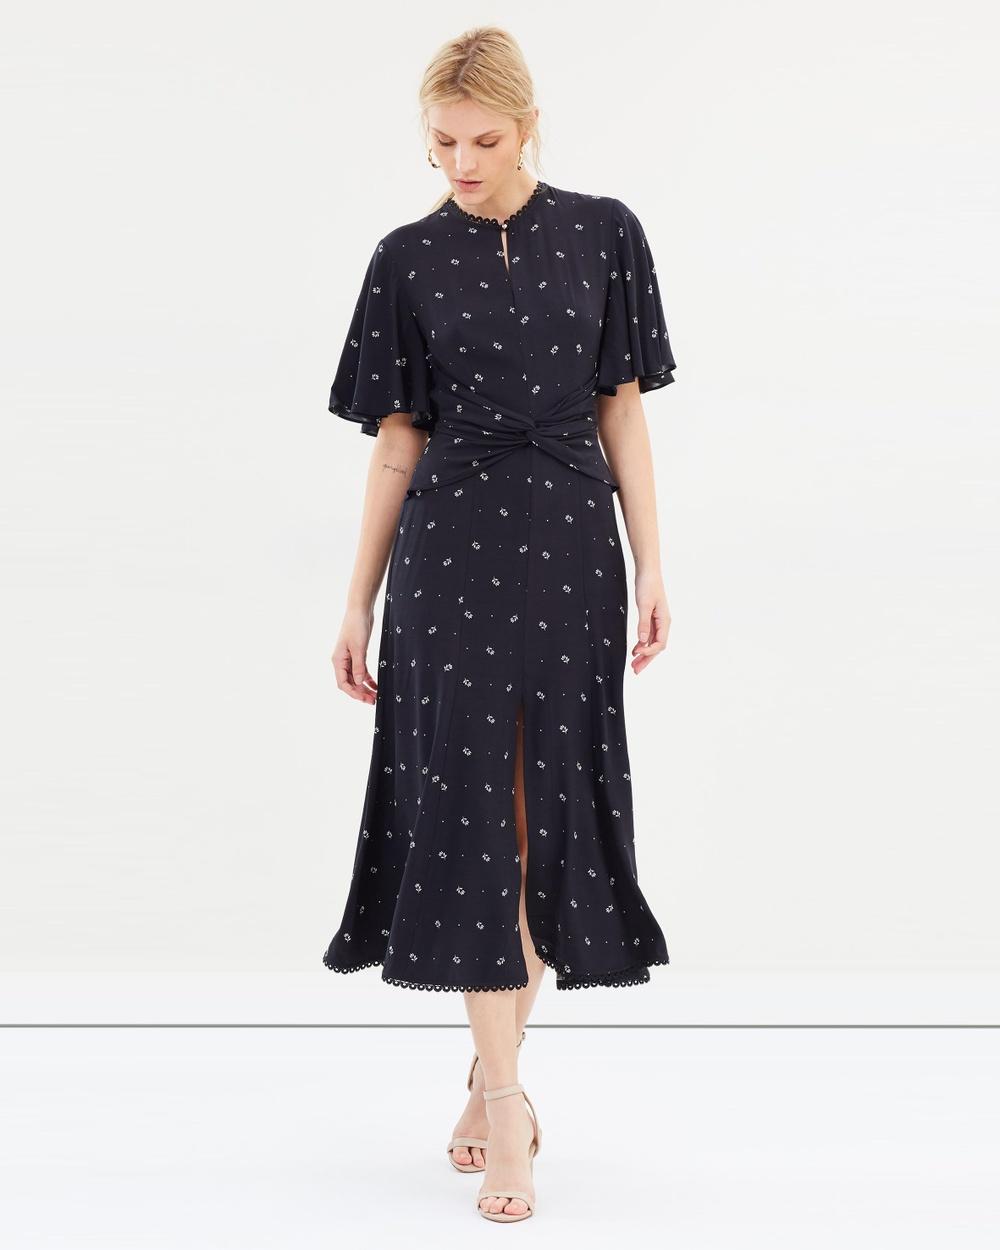 Lover Foulard Midi Dress Printed Dresses Black Foulard Midi Dress